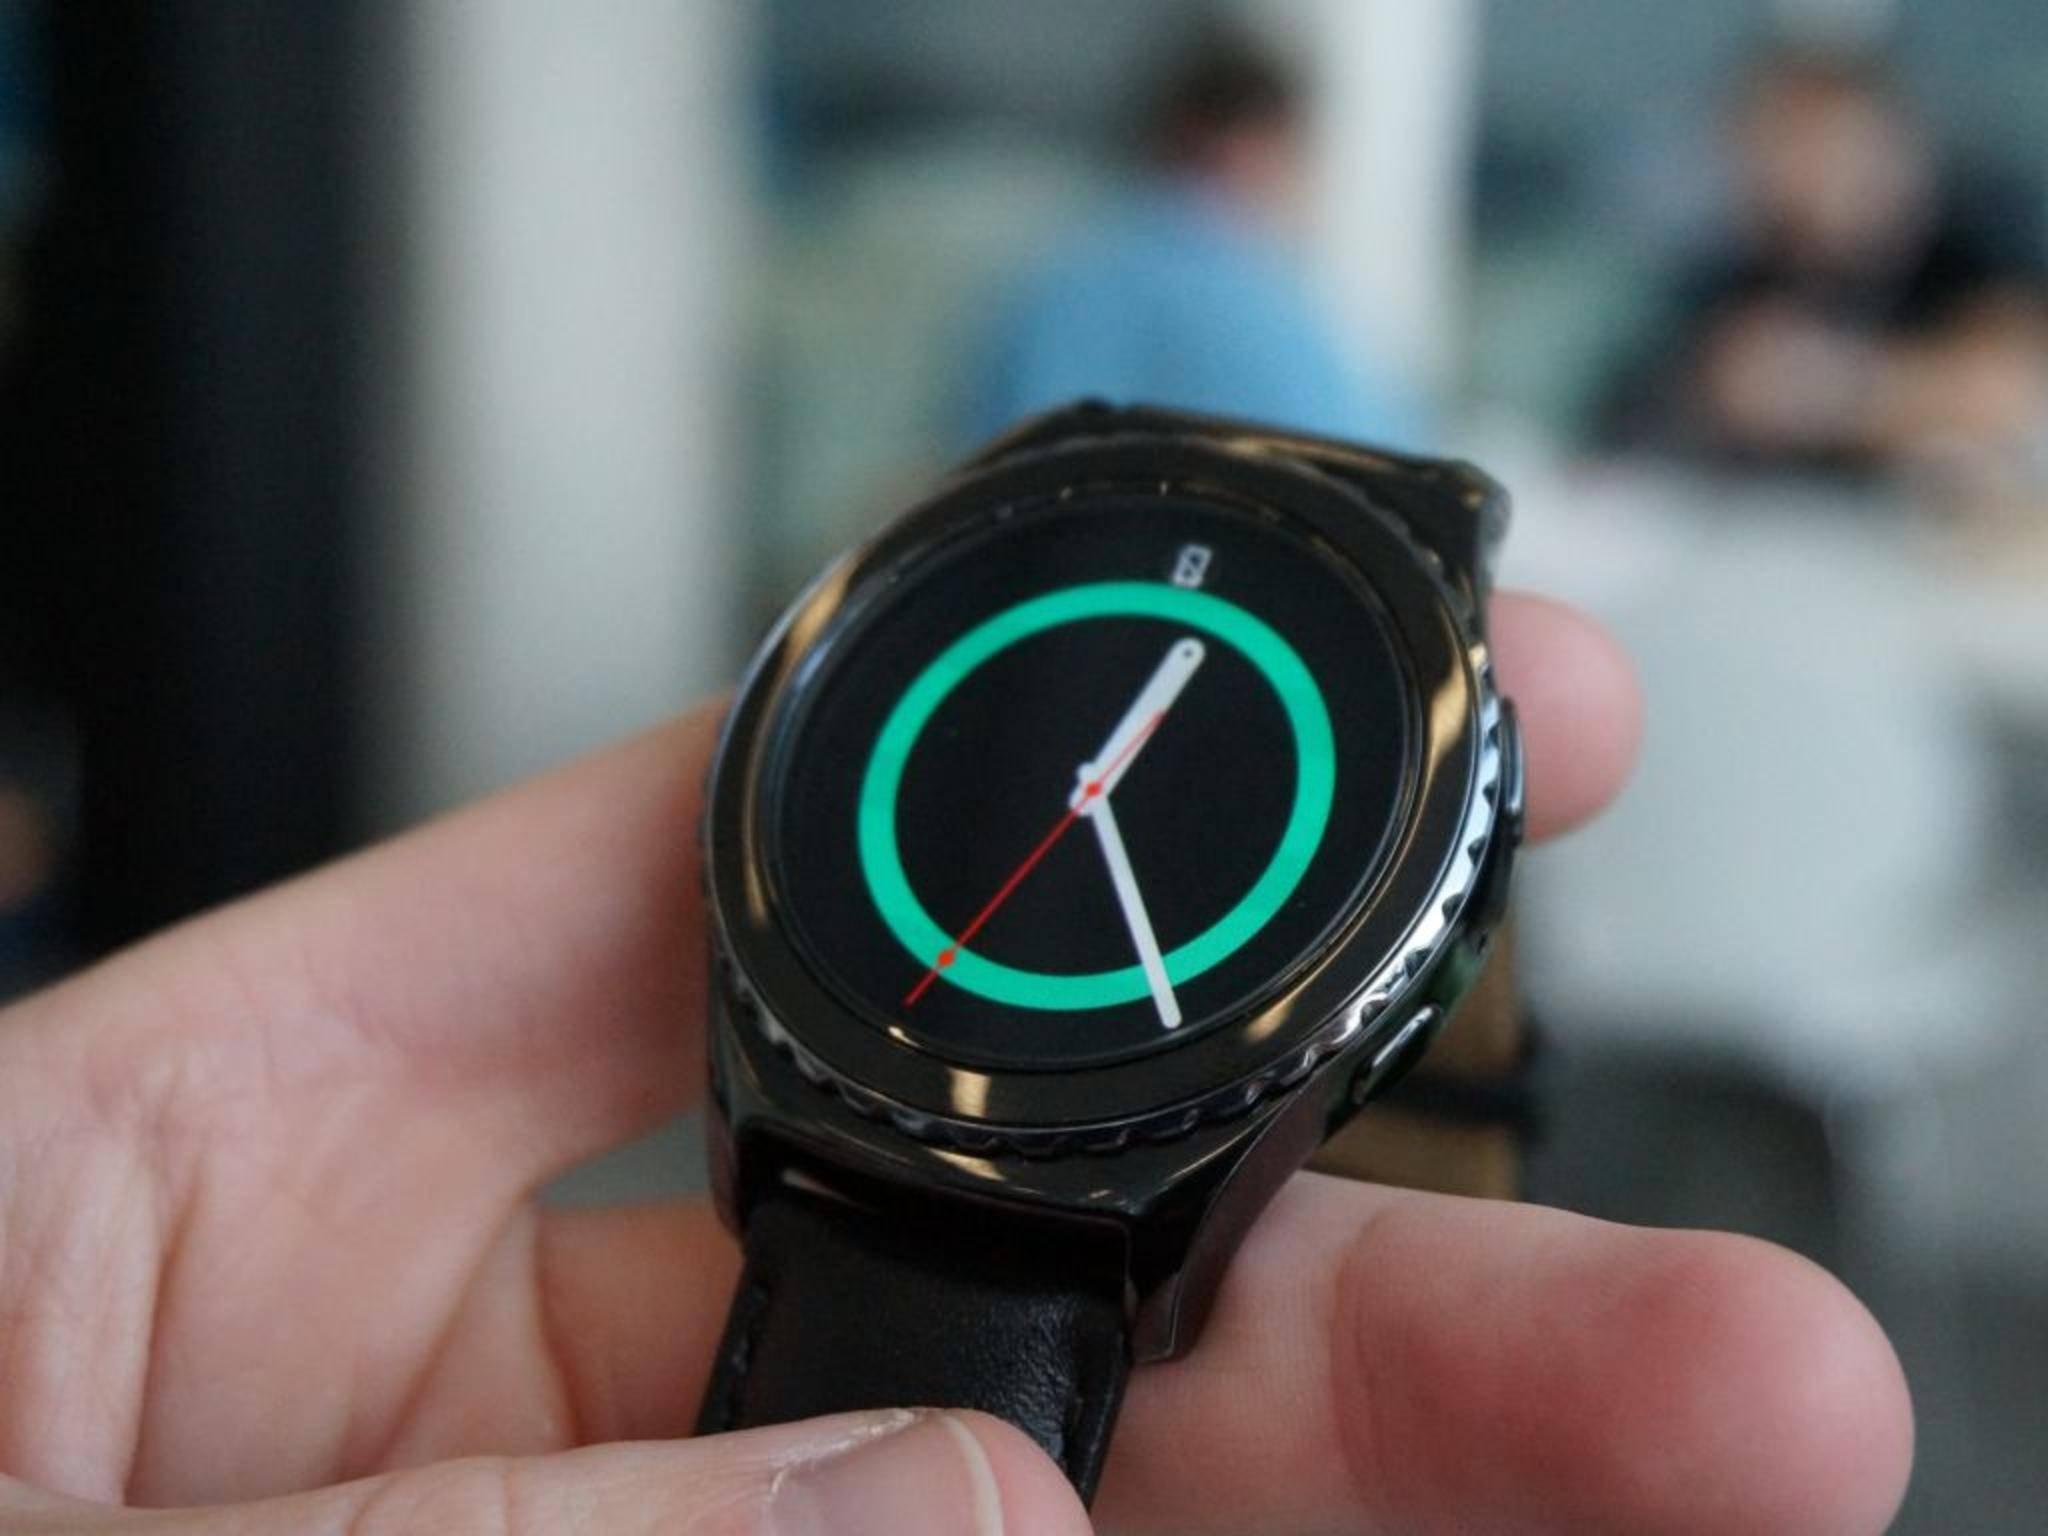 Zu den bisherigen Watch Faces der Gear S2 kommen jetzt viele neue hinzu.